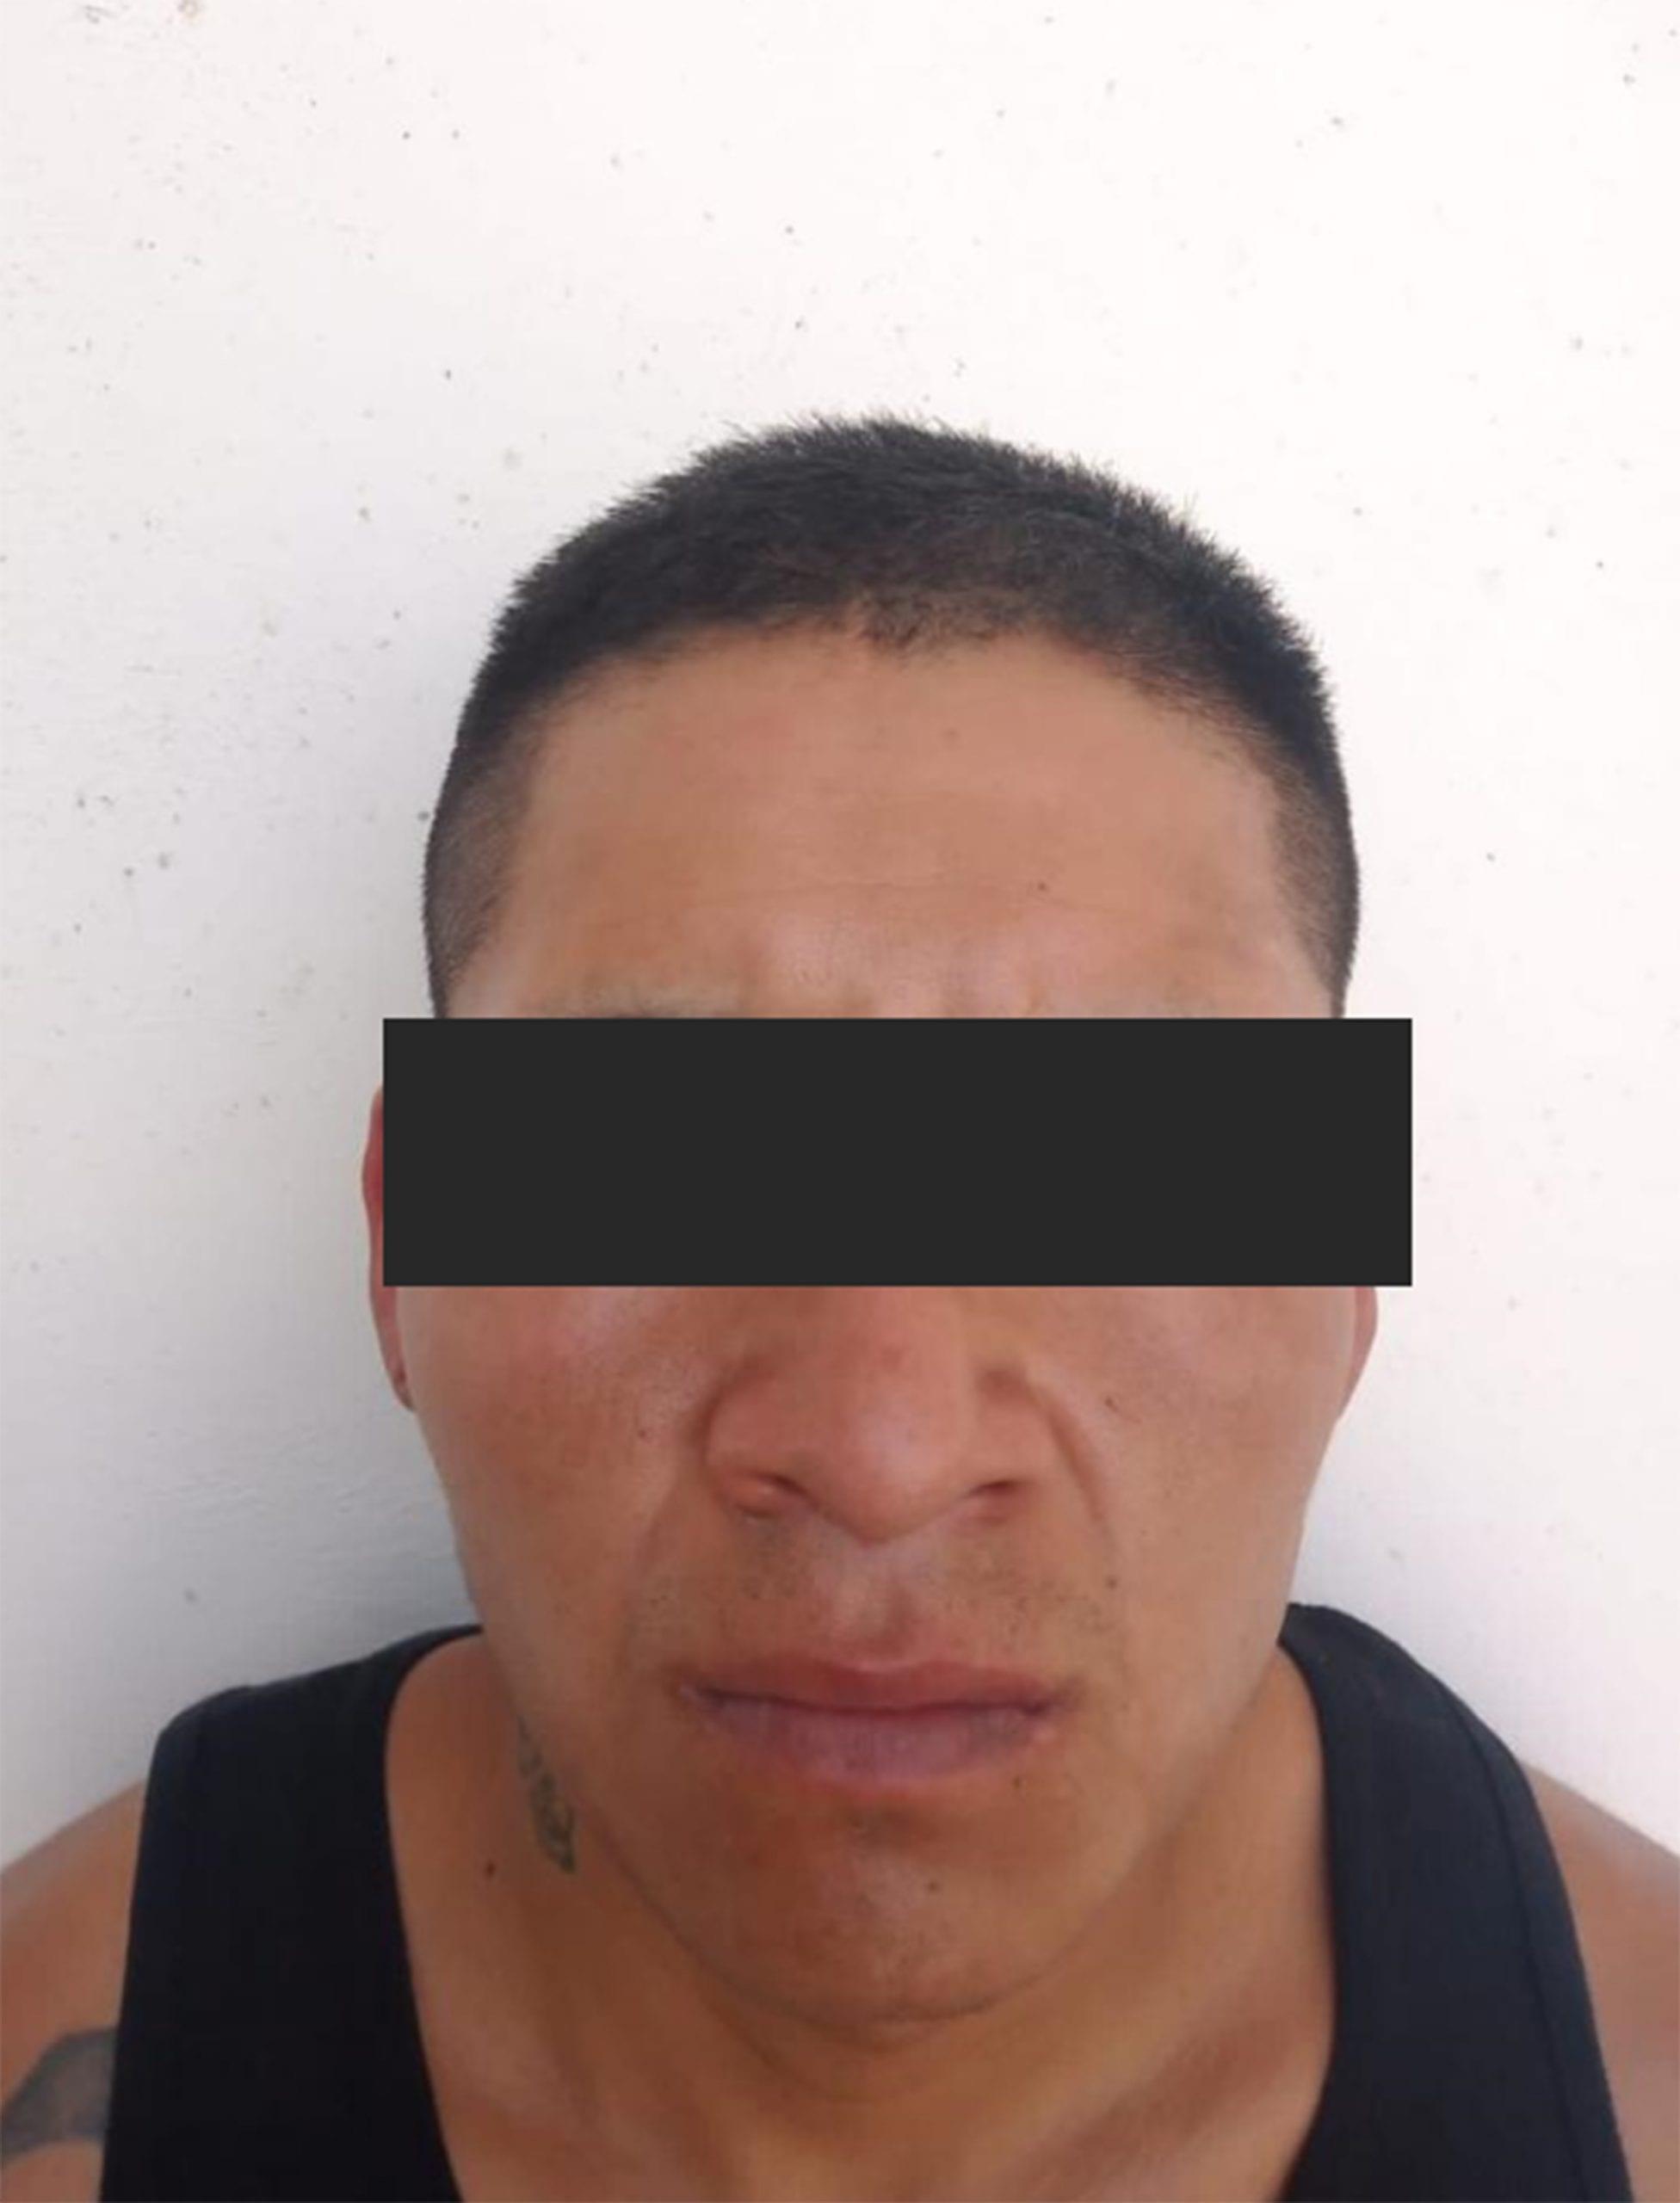 La SSC detiene en Chiautempan a una persona con droga